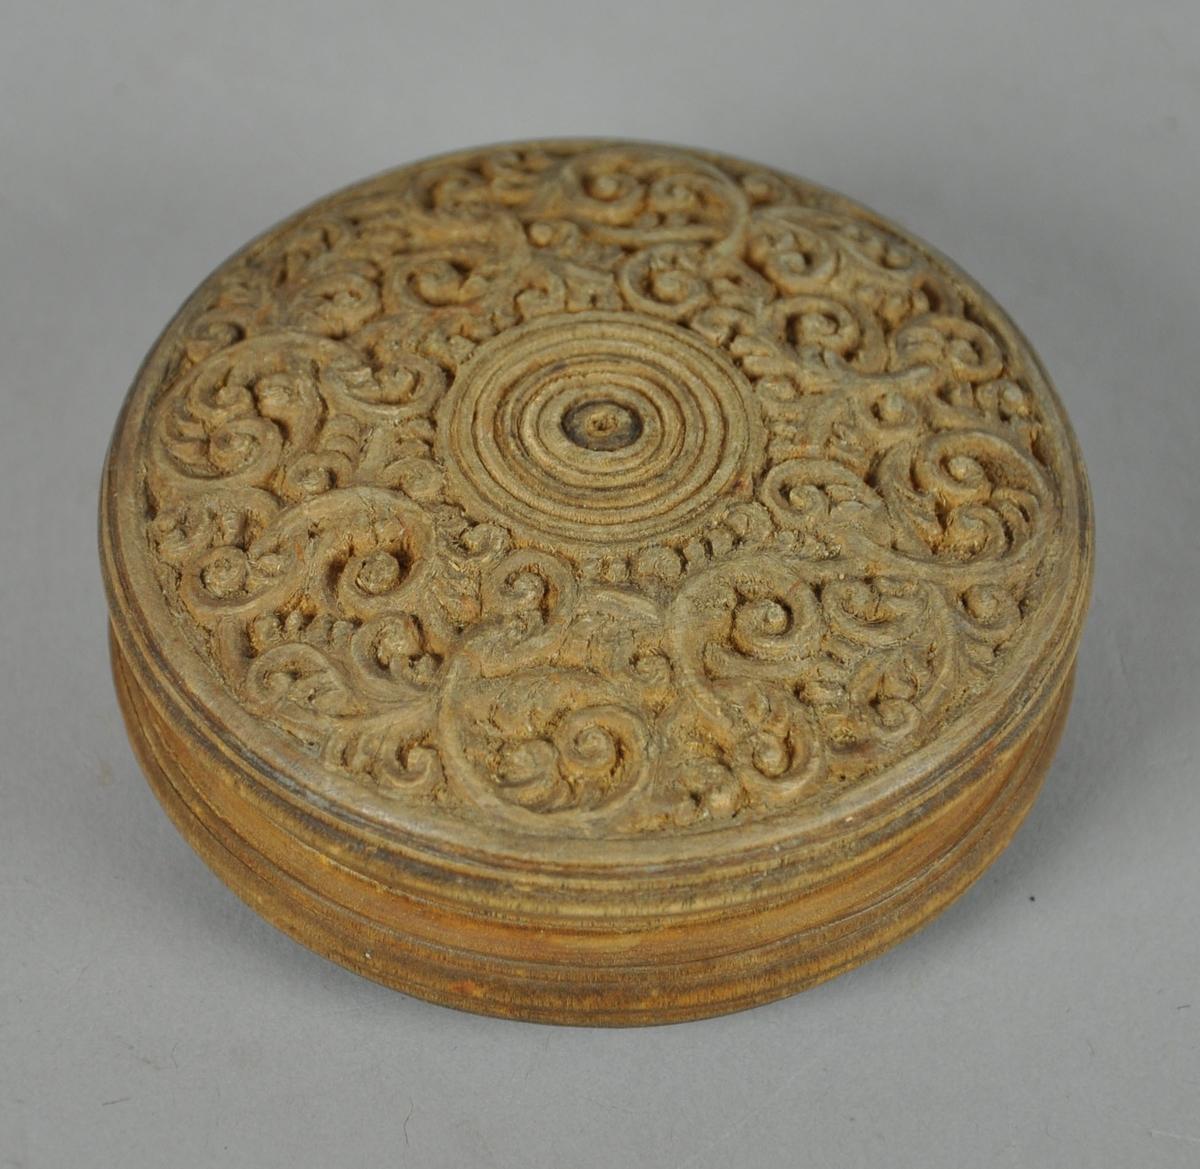 Rund eske av tre, med skjært dekor på over- og undersiden. På lokket er det skjært dekor med motiv av konsentriske sirkler med akanuslignende spiraler rundt. På undersiden av esken er det skjært dekor med motiv av rutenett i en sirkel, med akantuslignende spiraler rundt.